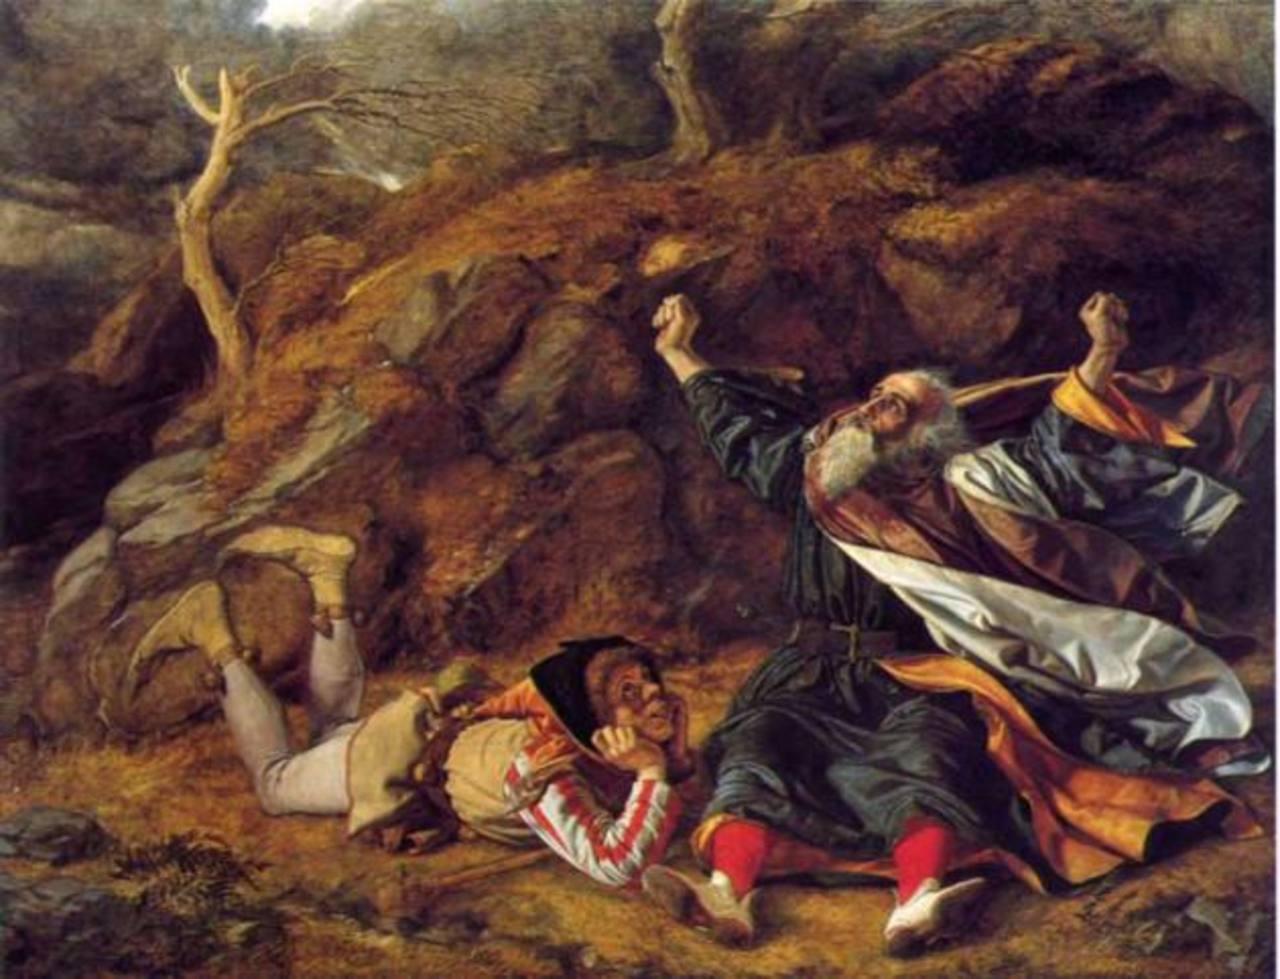 """Obra del pintor escocés William Dyce, titulada """"El rey Lear y el bufón en la tormenta"""". foto EDHRetrato del dramaturgo, poeta y actor inglés William Shakespeare. foto EDH""""El bufón de la corte"""" (1875). foto EDH"""